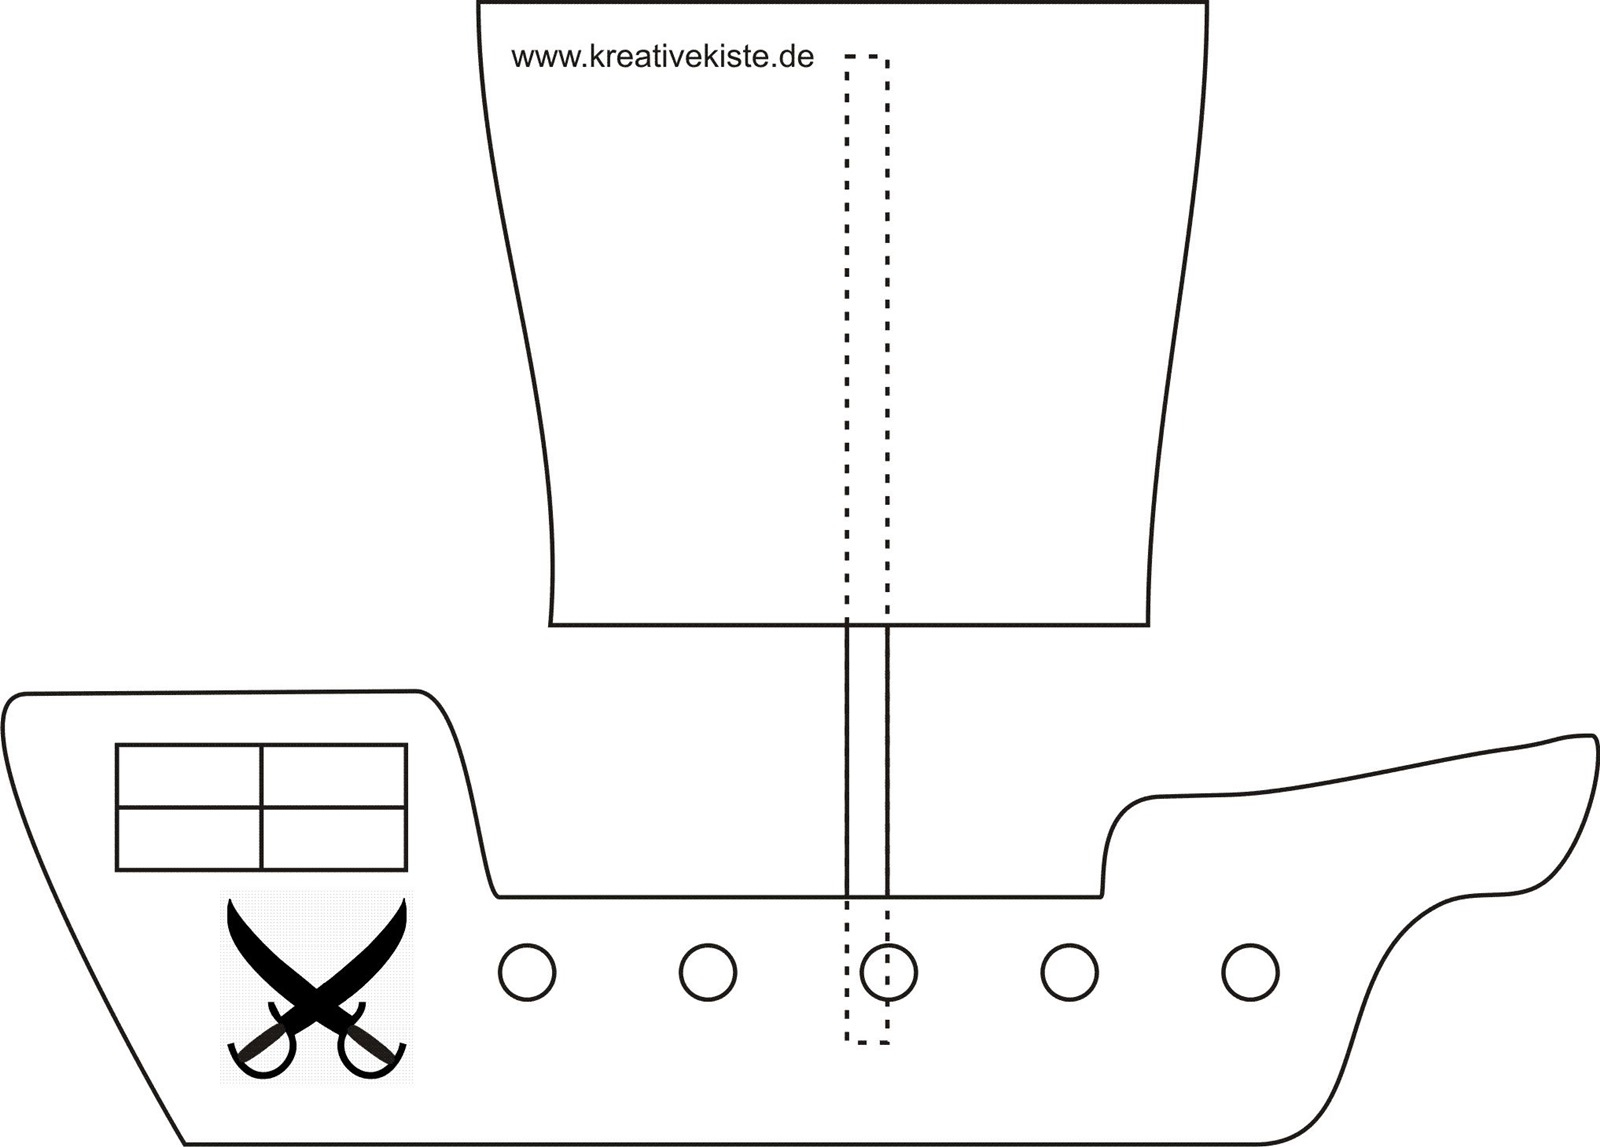 Laubsäge Vorlagen in Bastelvorlage Schiff Tonkarton